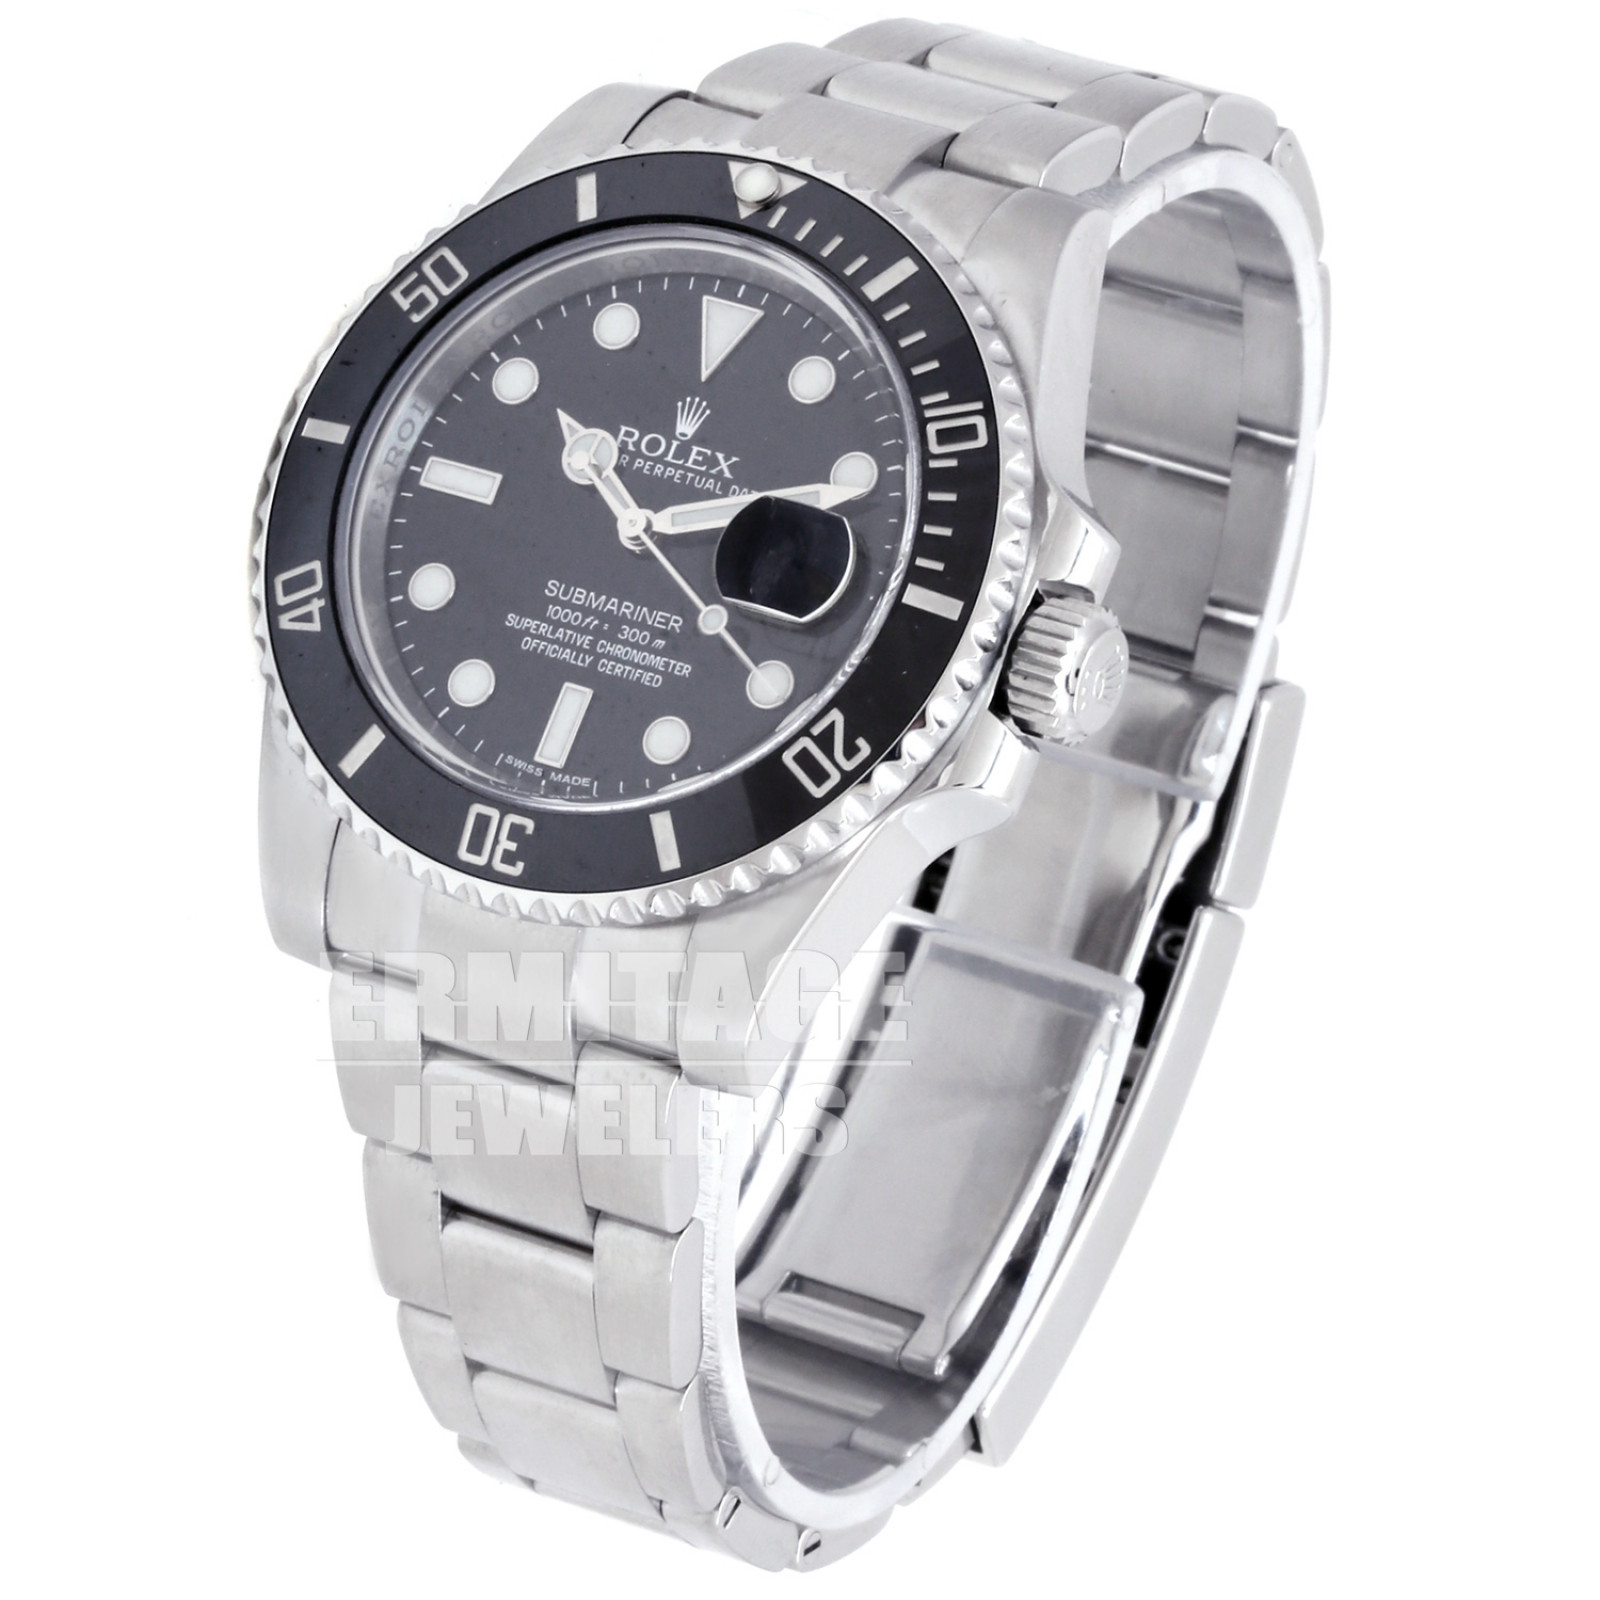 2012 Rolex Submariner 116610 Steel